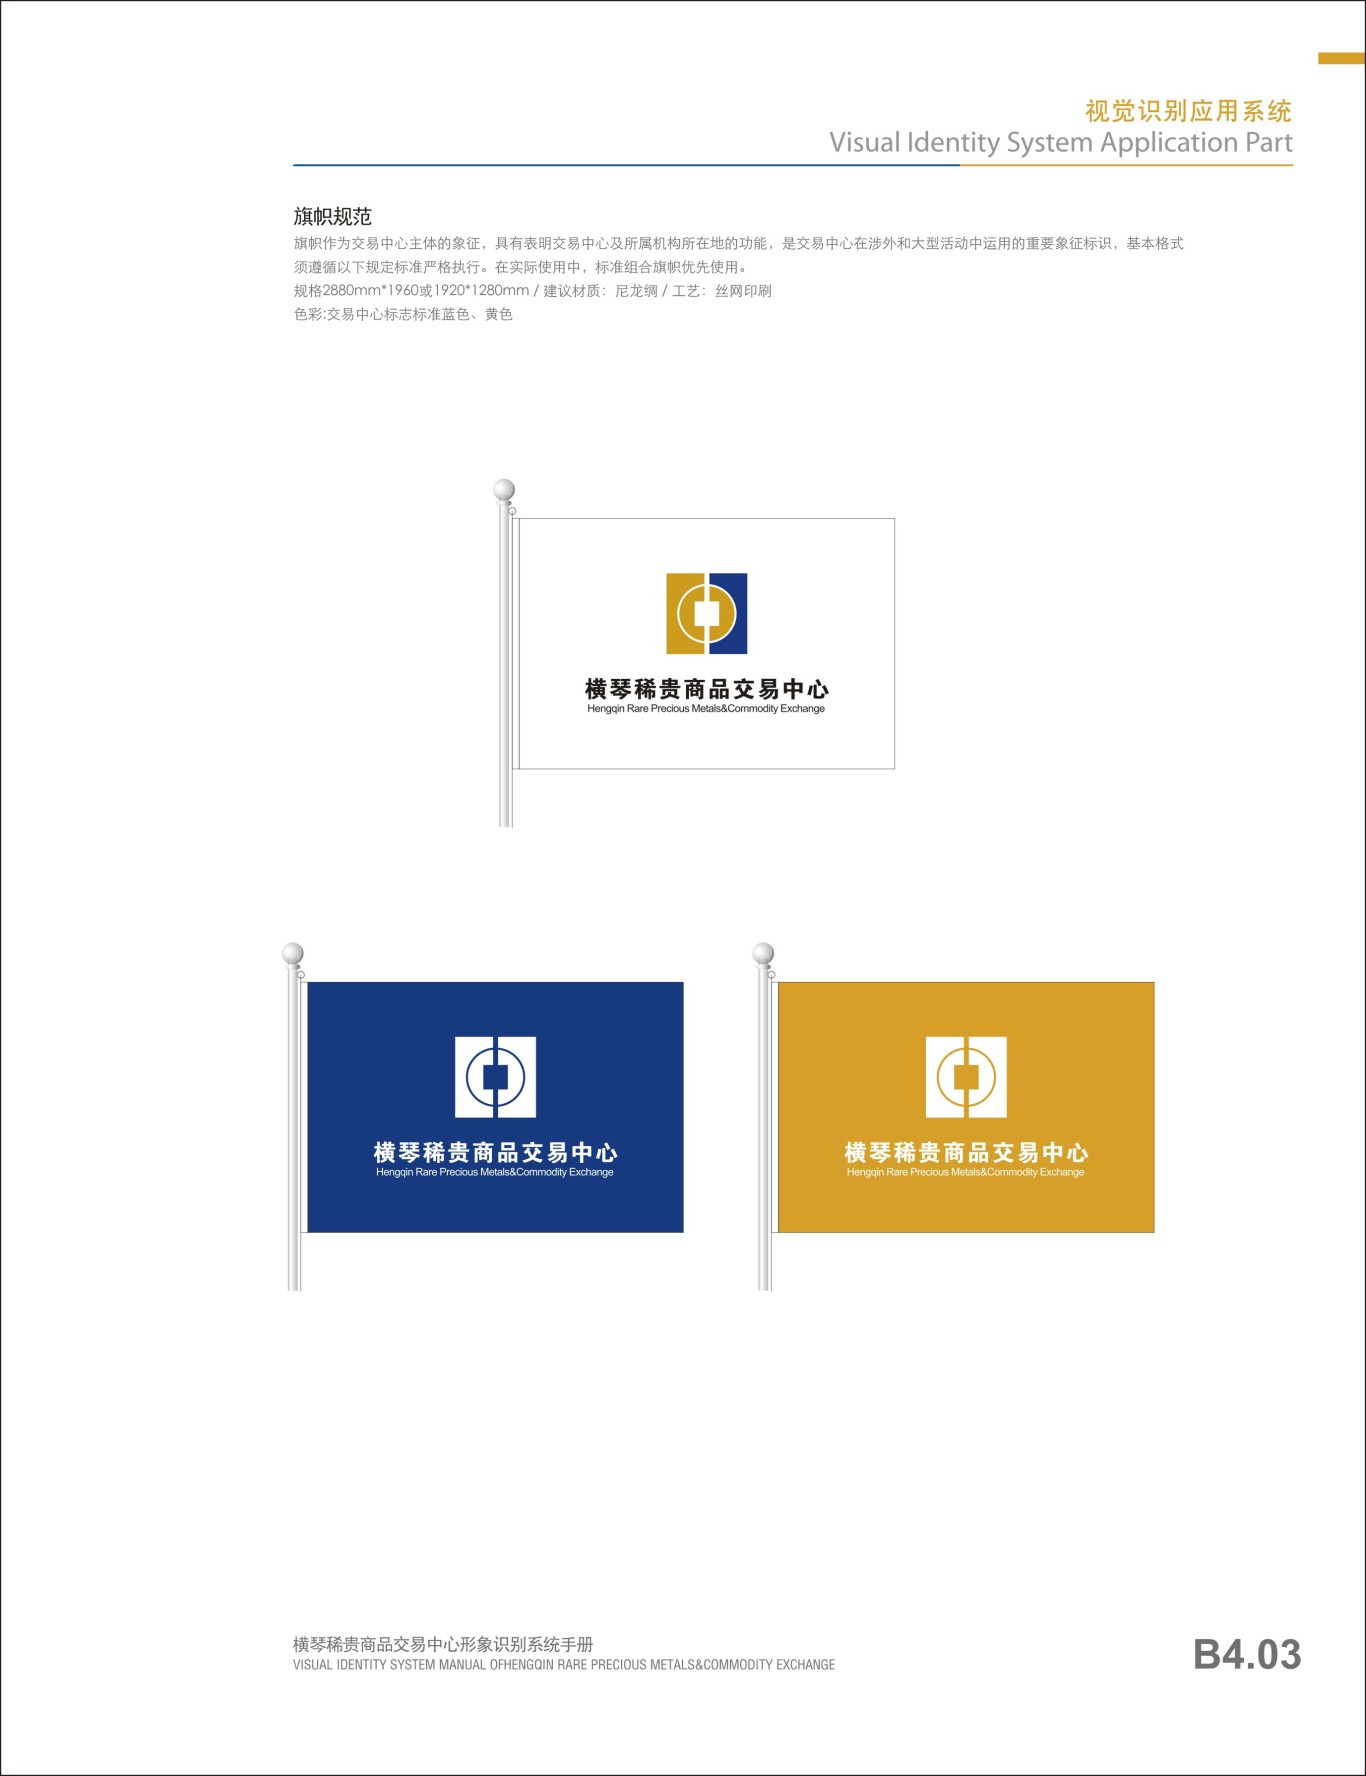 贵金属行业横琴稀贵VI手册设计图32